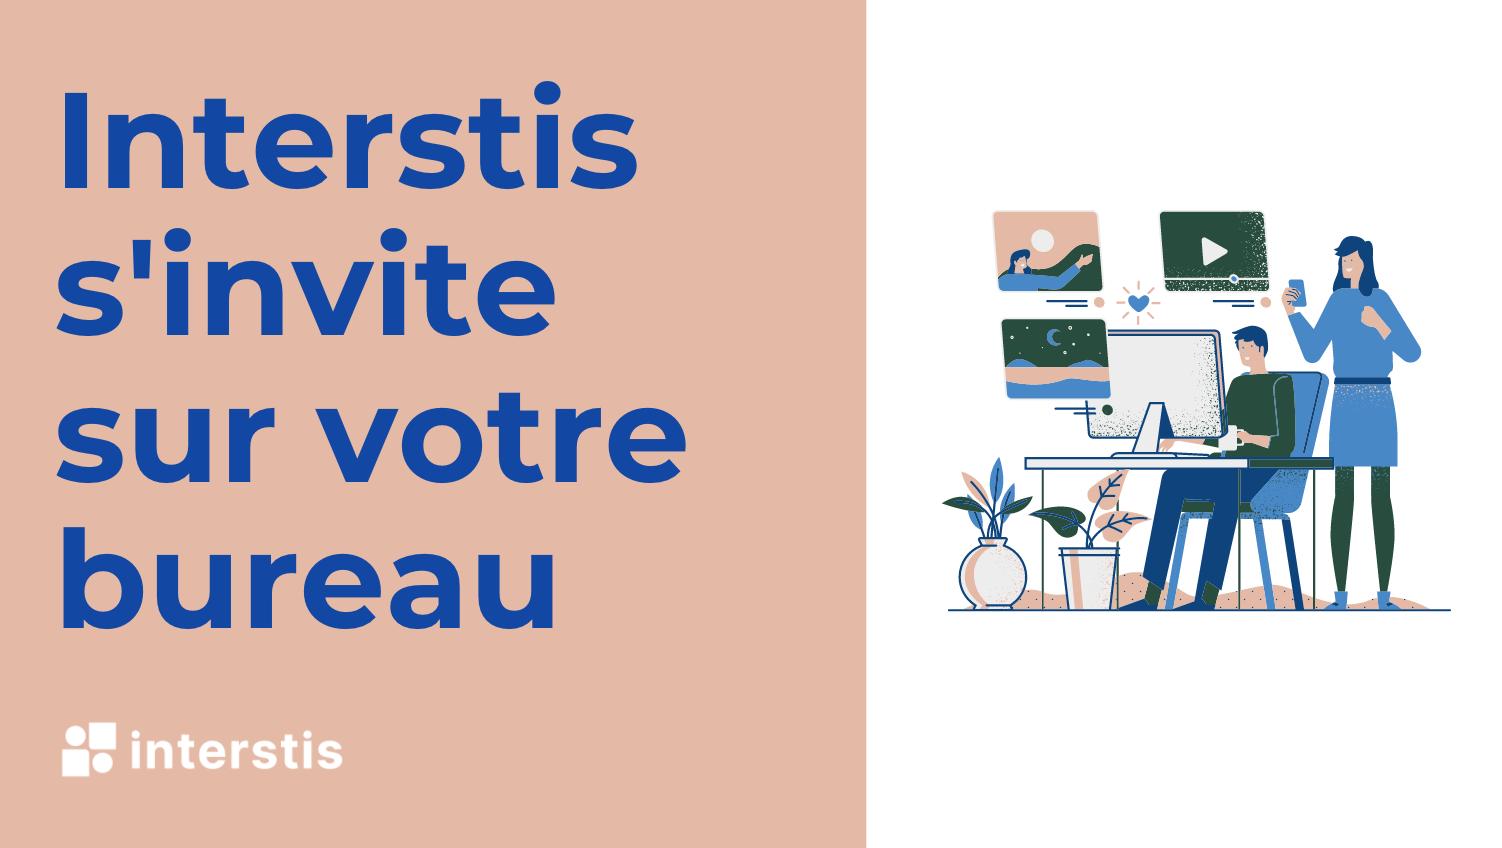 Illustration article InterStis s'invite sur votre bureau